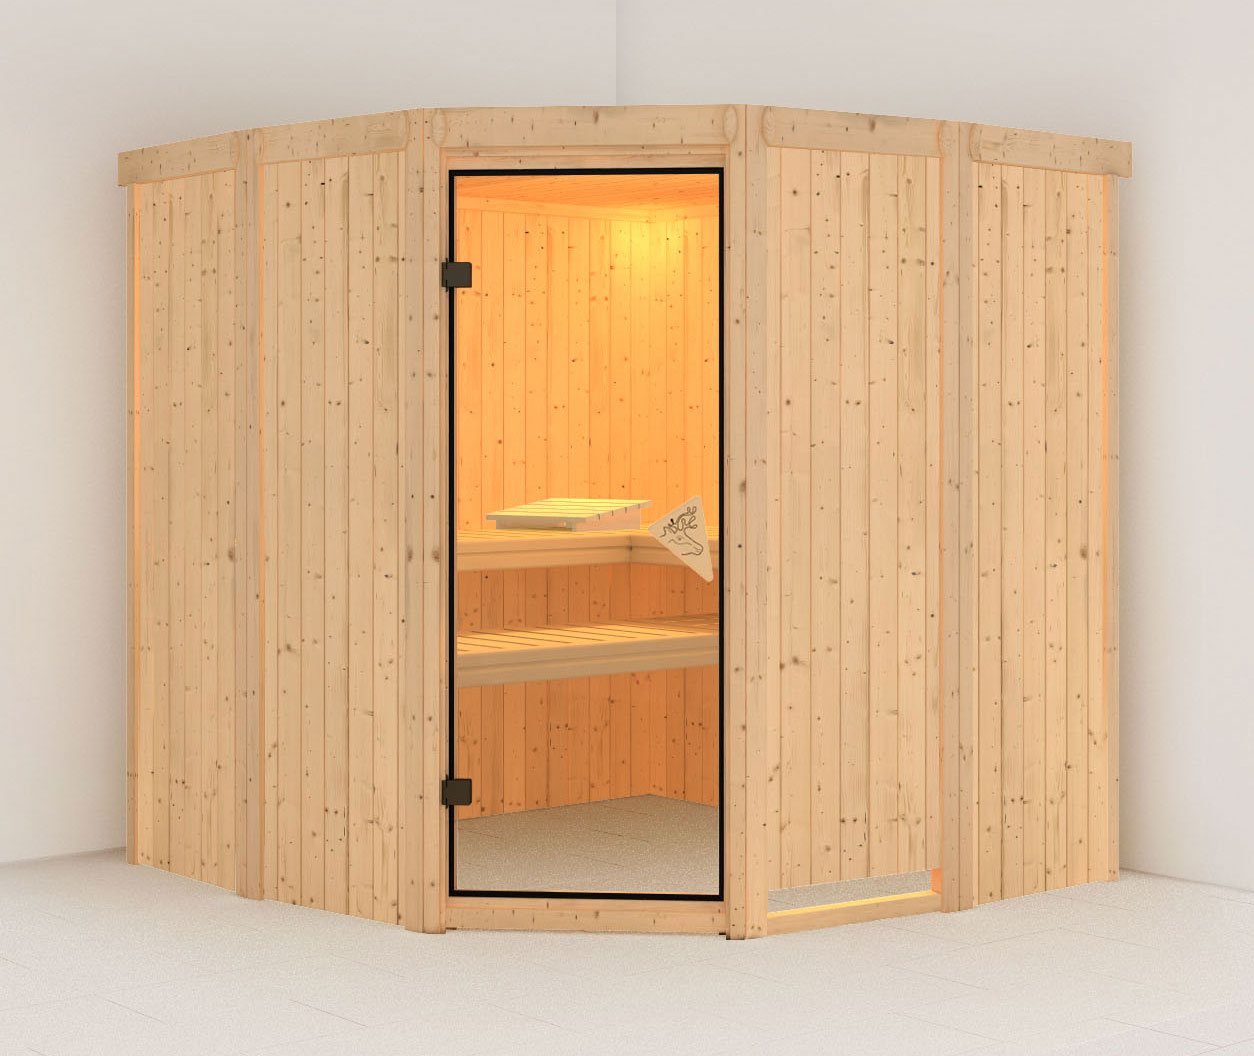 Karibu Sauna Simara 1 68mm ohne Ofen classic Tür Bild 1